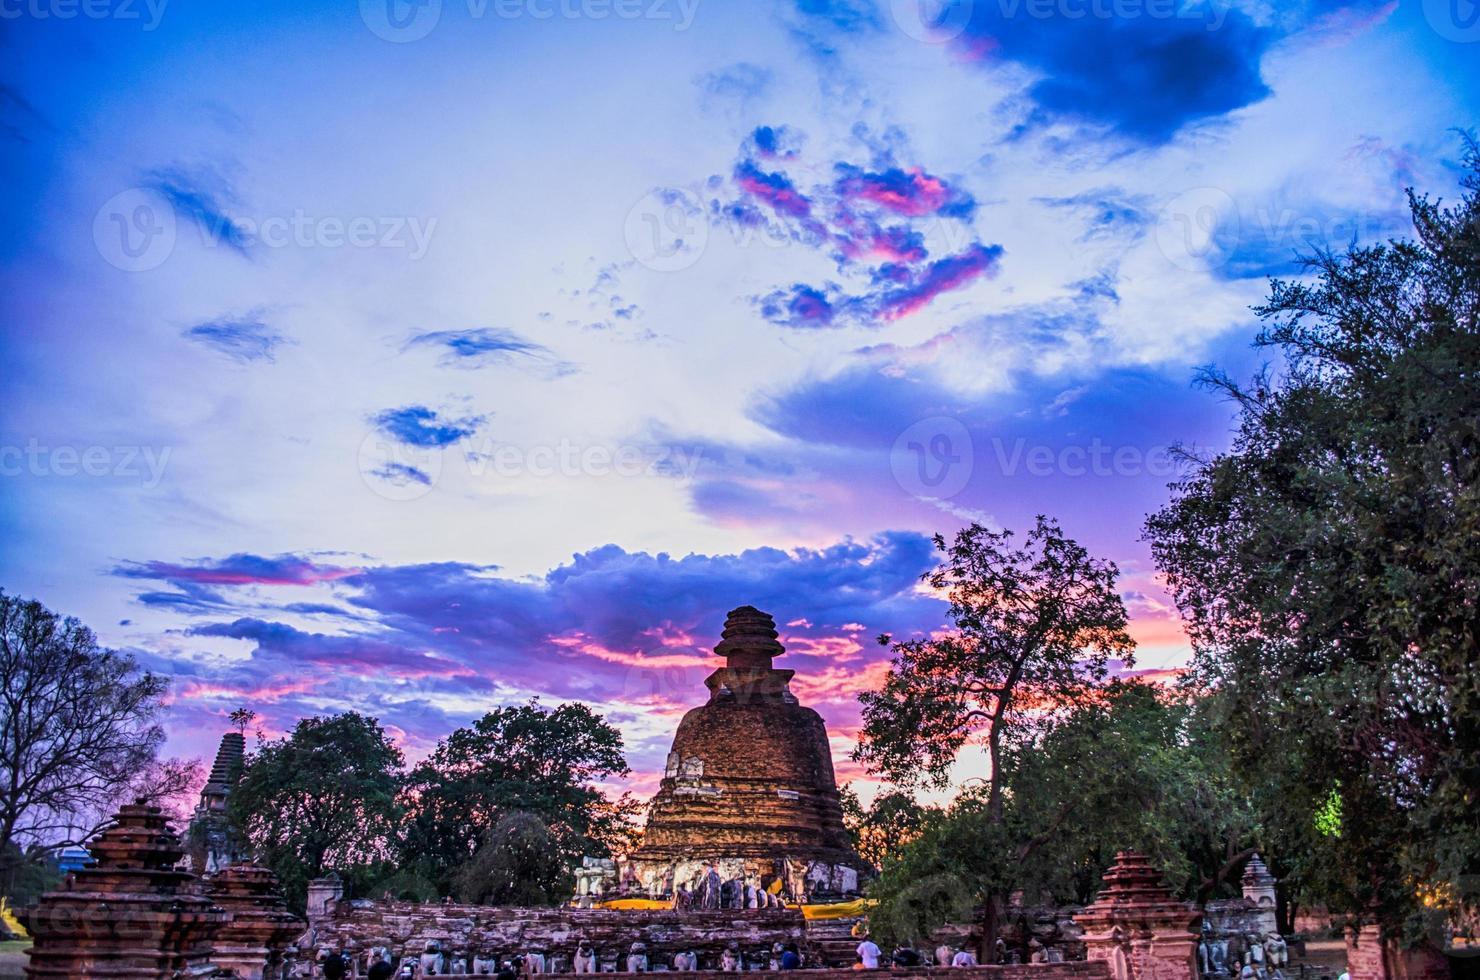 Ayutthaya-tempel bij schemering foto